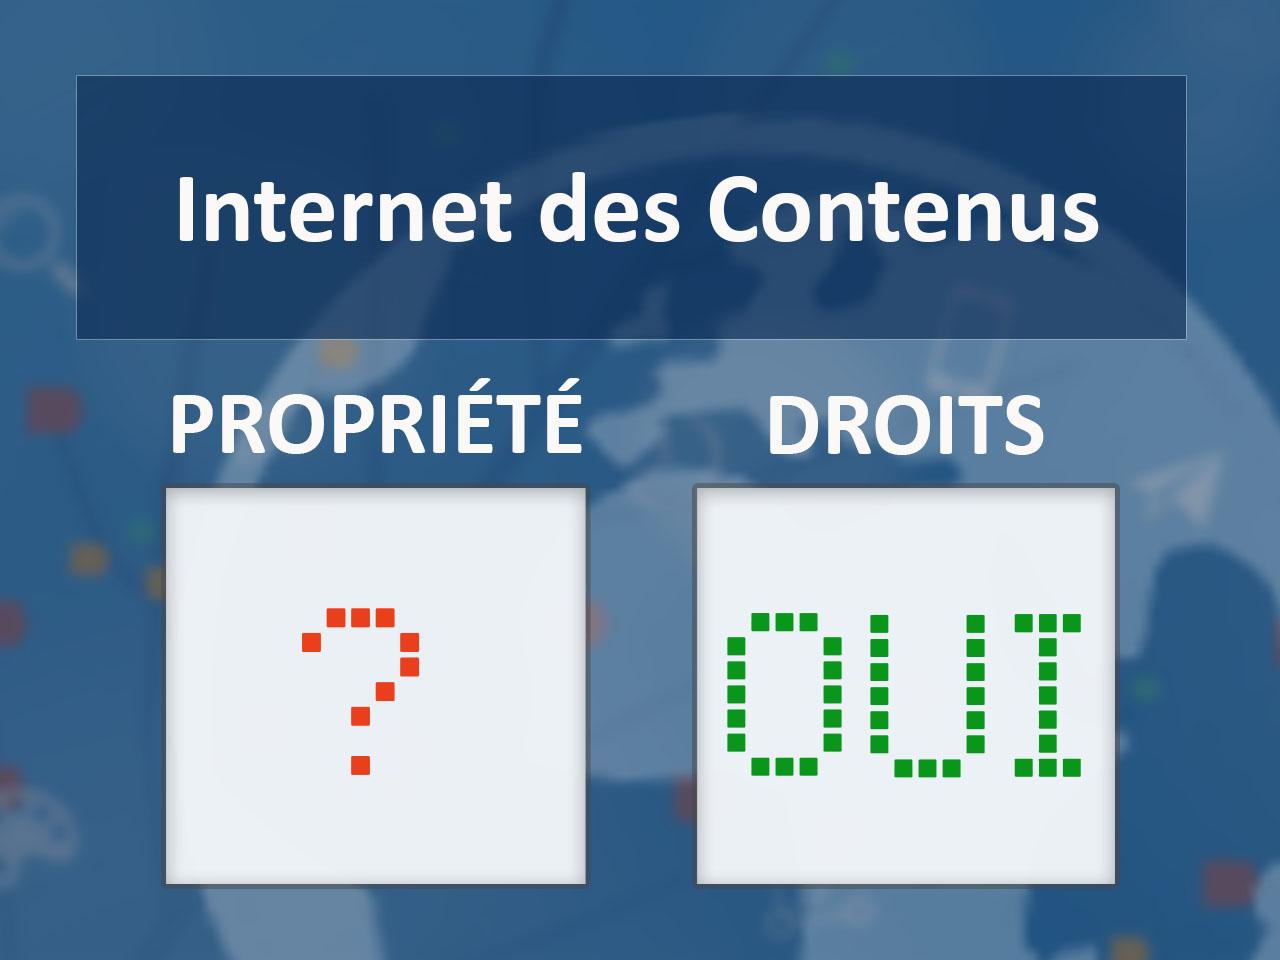 La propriété des contenus sur internet